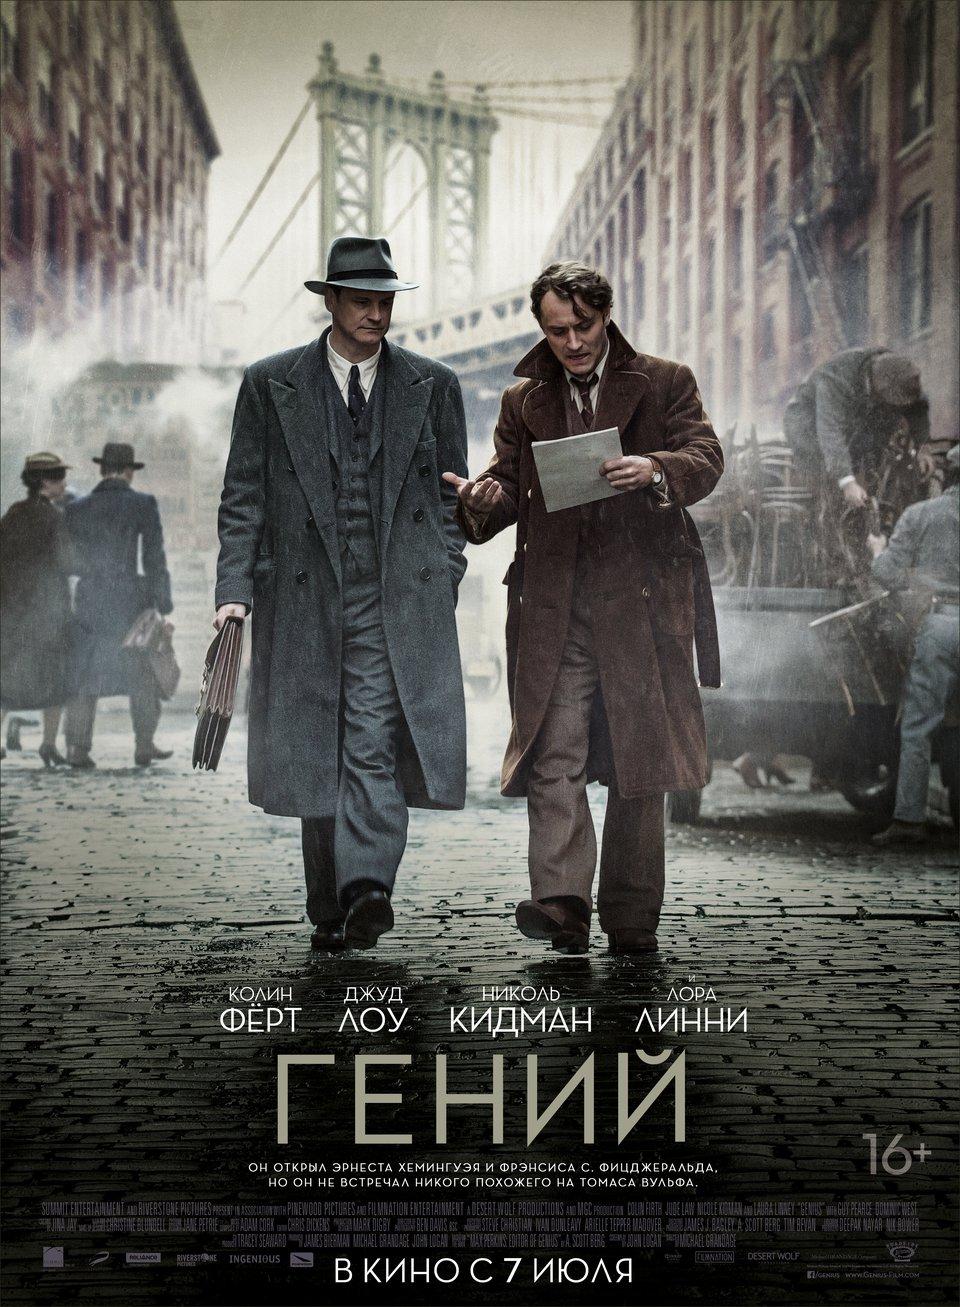 фильм только с двумя актерами